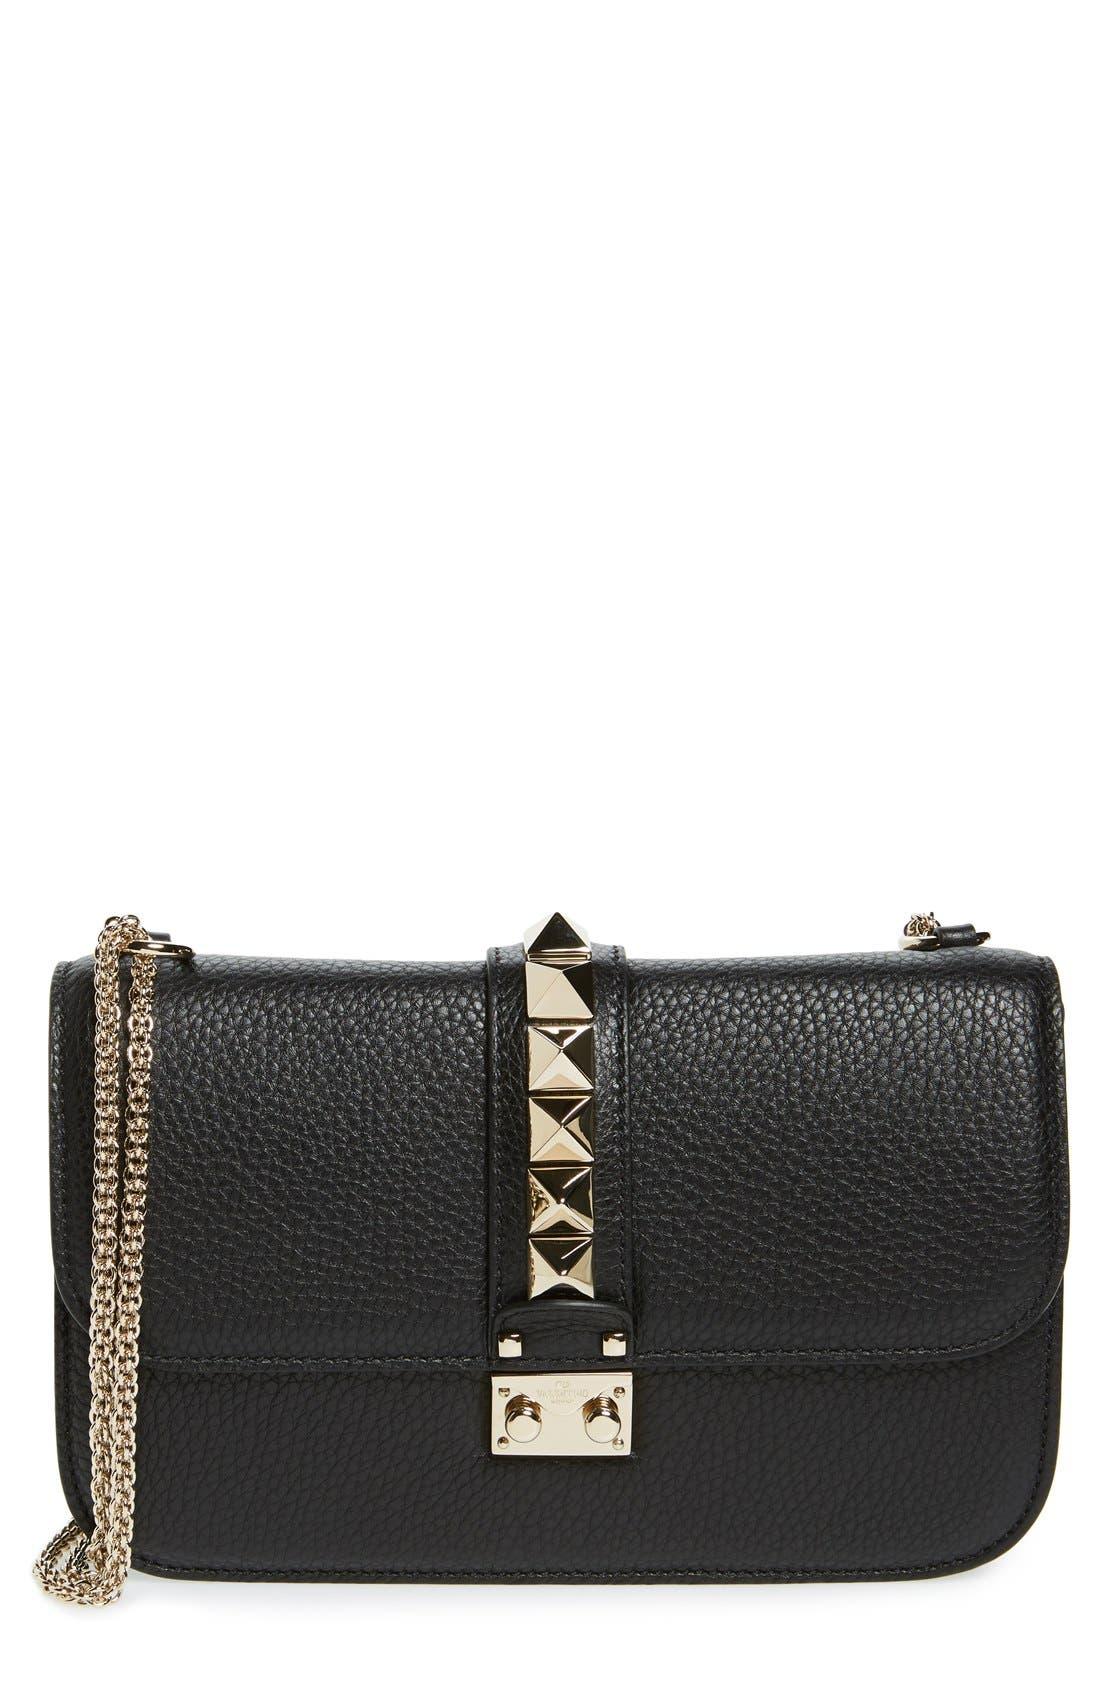 Alternate Image 1 Selected - Valentino Medium Lock Studded Leather Shoulder Bag